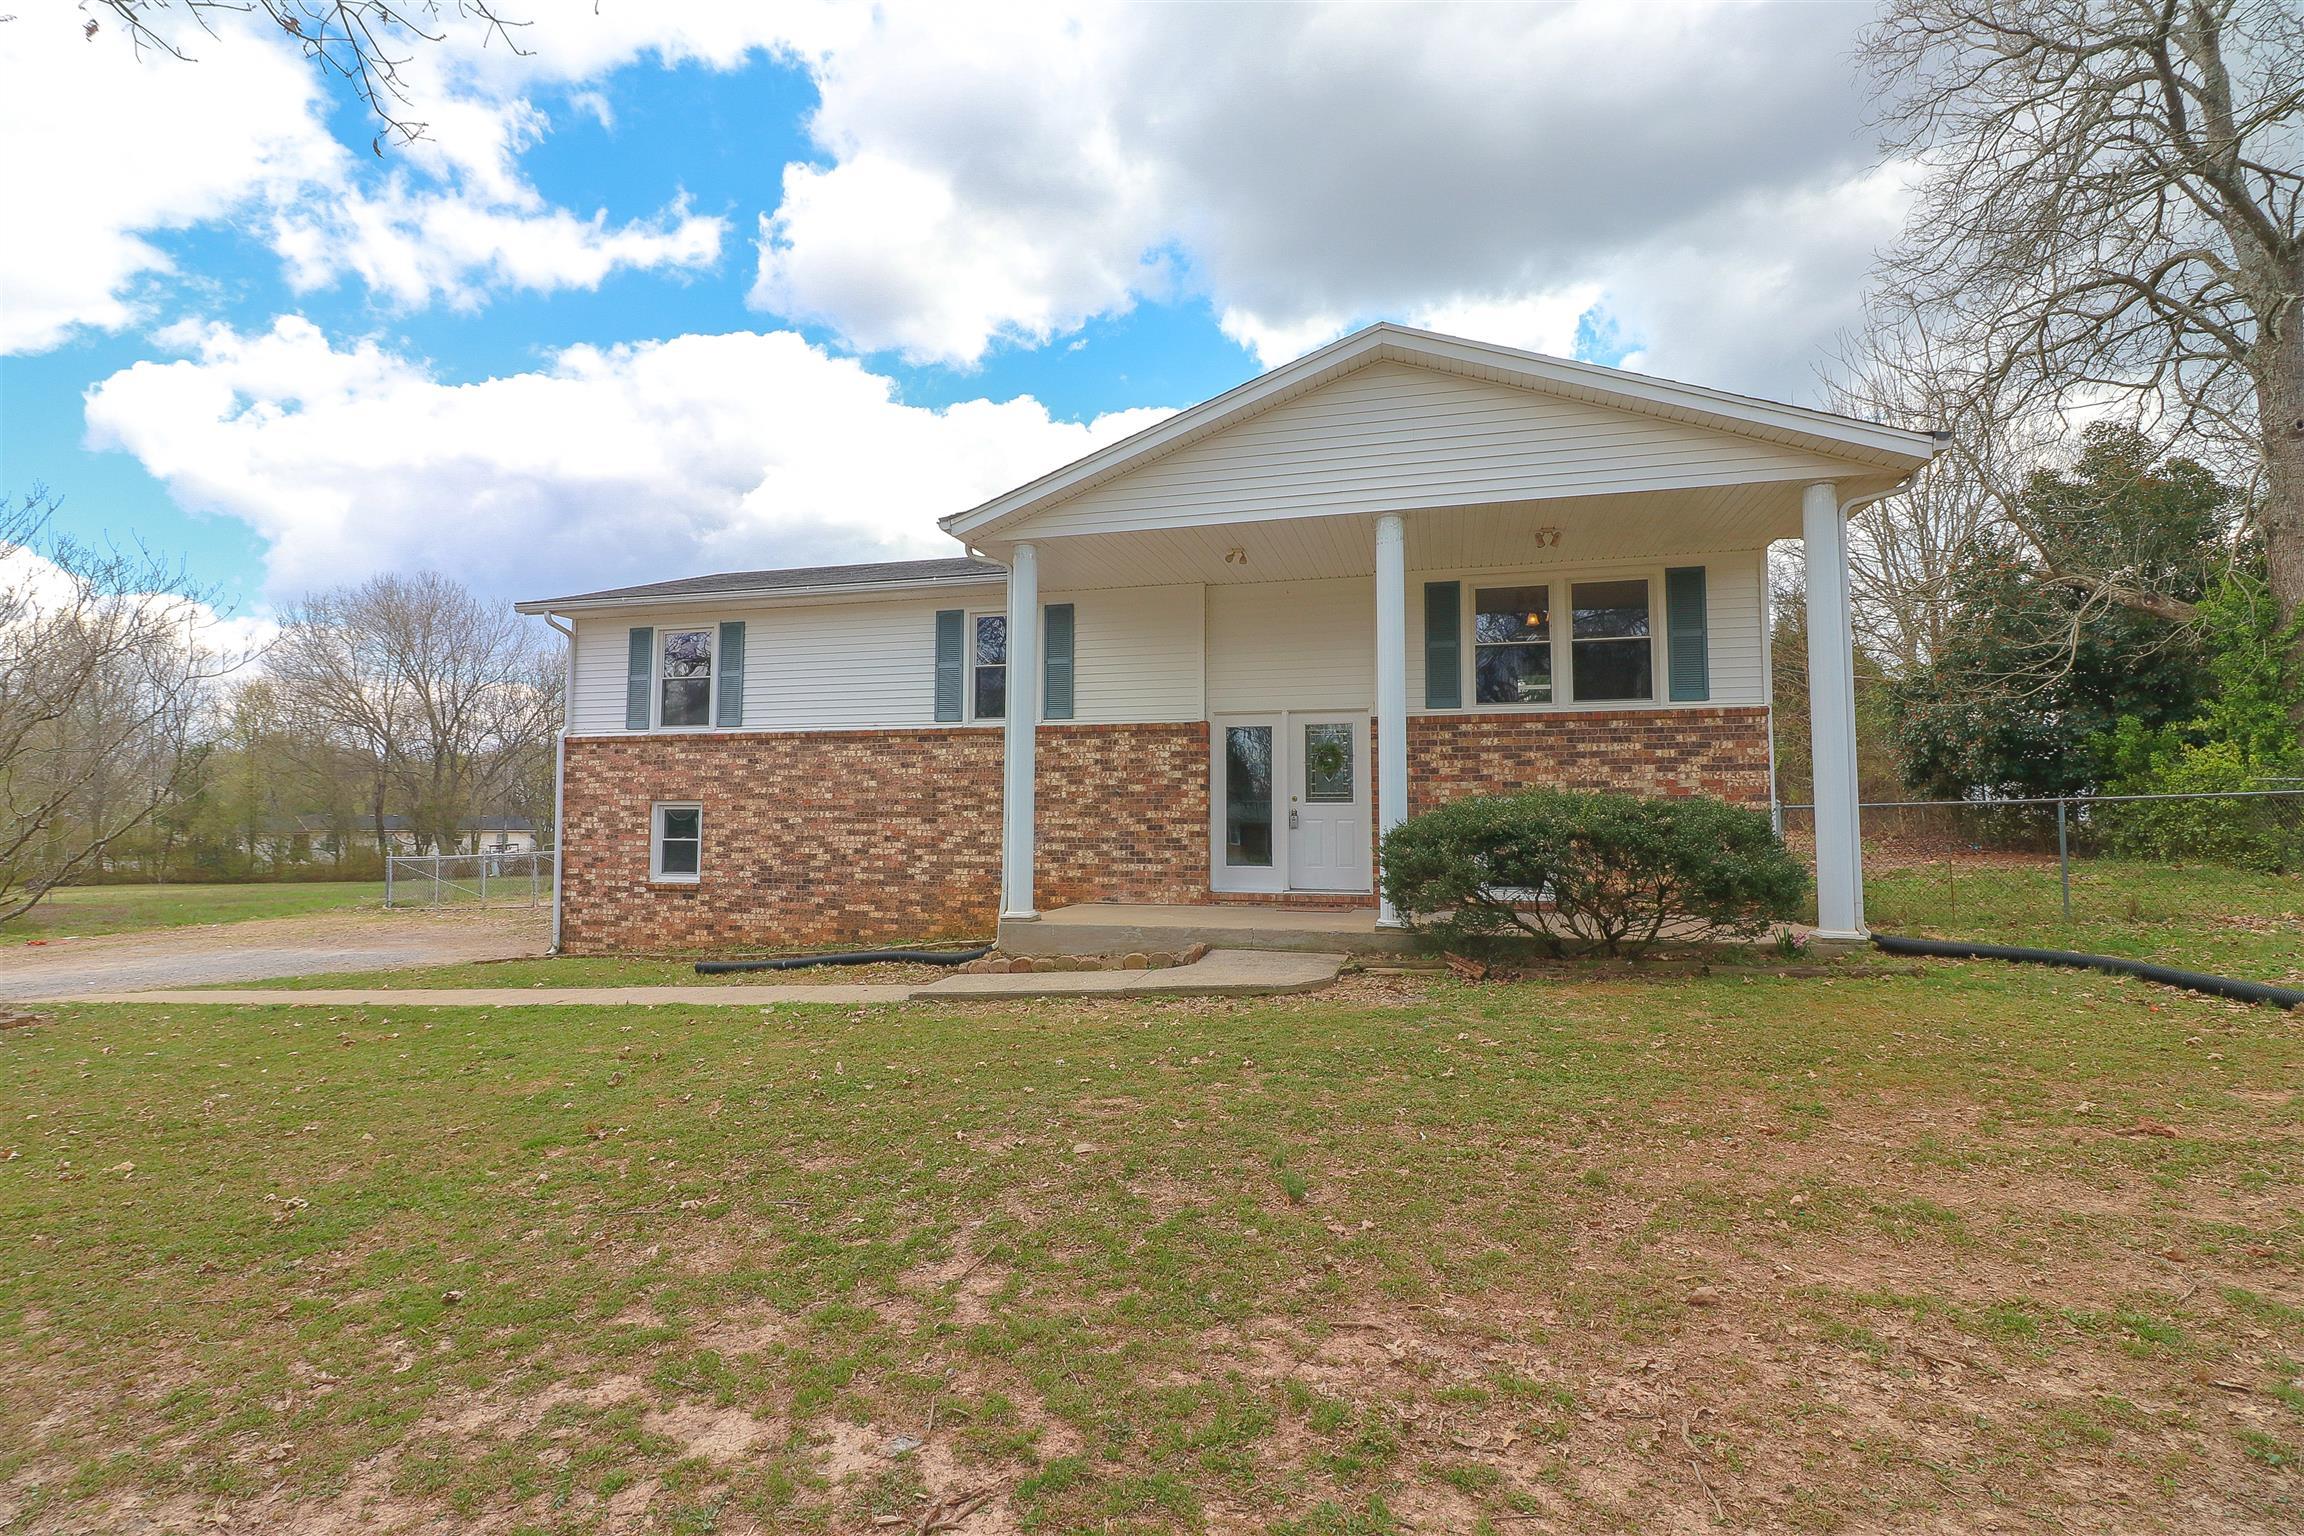 231 Joy Ave Rockvale, TN 37153